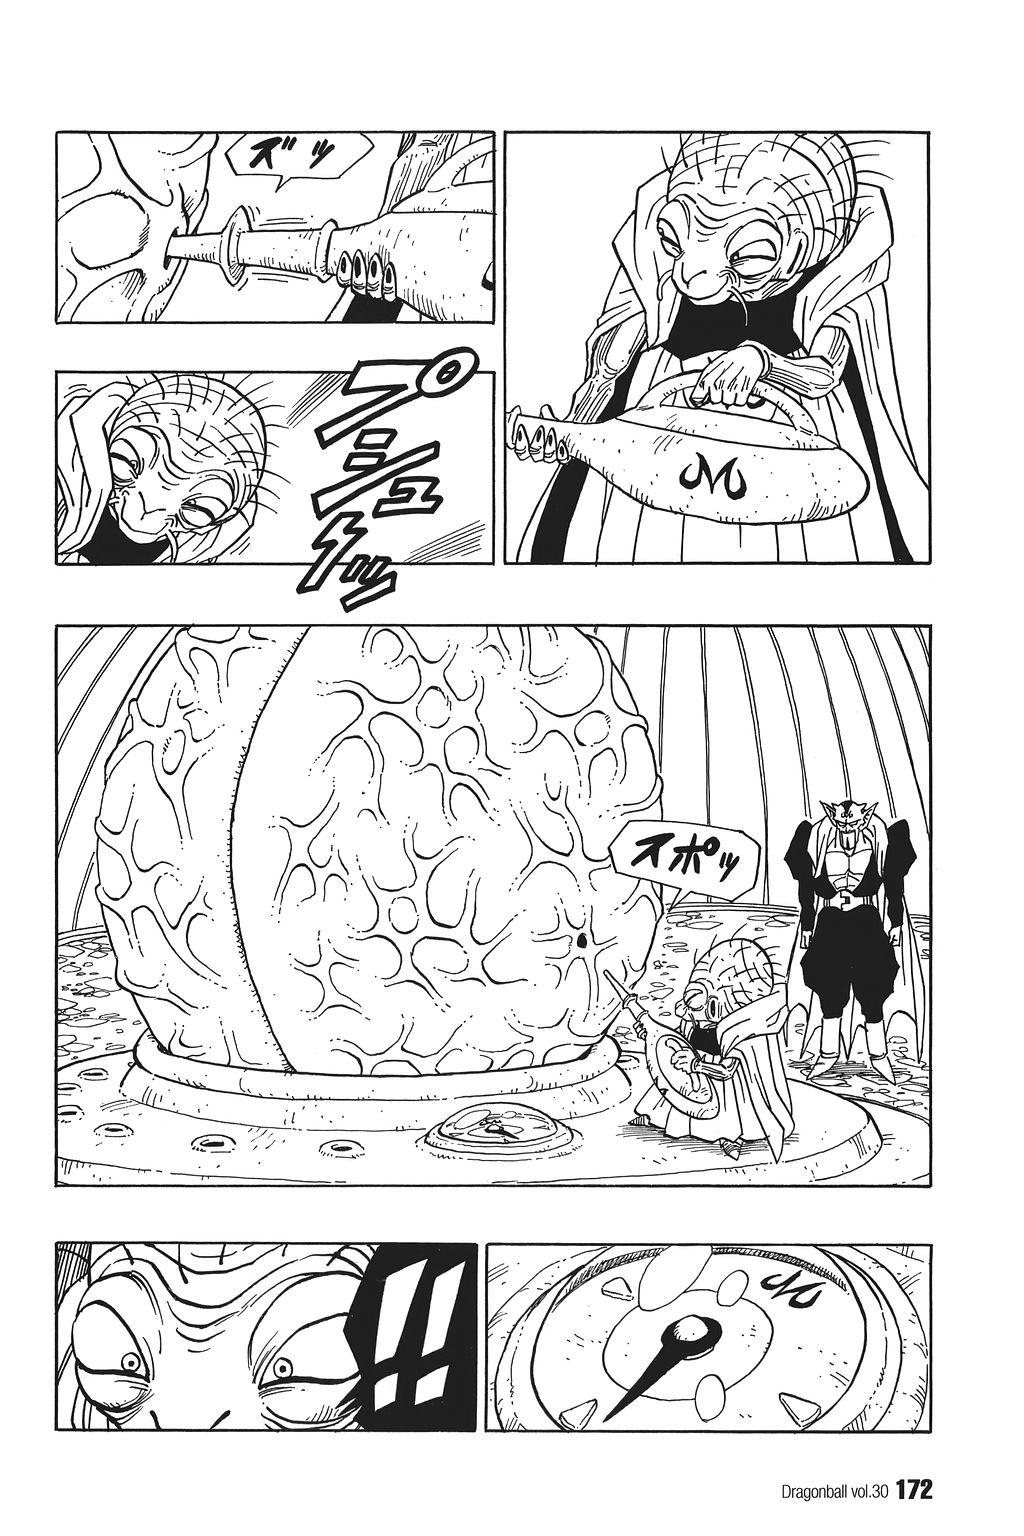 xem truyen moi - Dragon Ball Bản Vip - Bản Đẹp Nguyên Gốc Chap 449